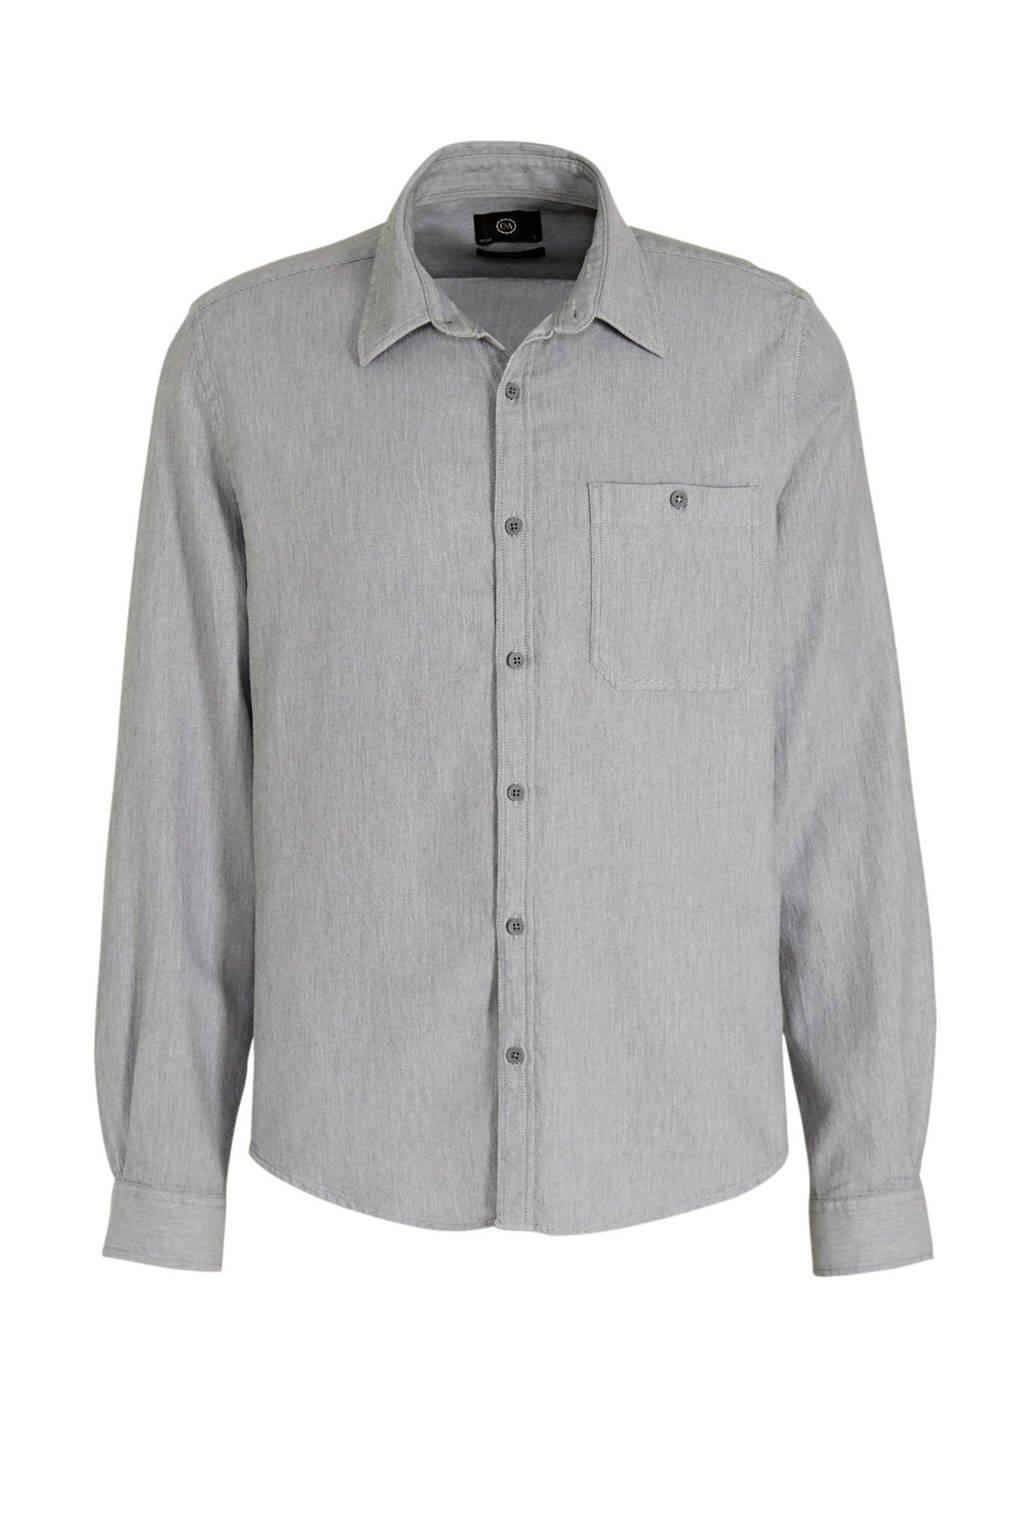 C&A Angelo Litrico gemêleerd slim fit overhemd lichtgrijs, Lichtgrijs